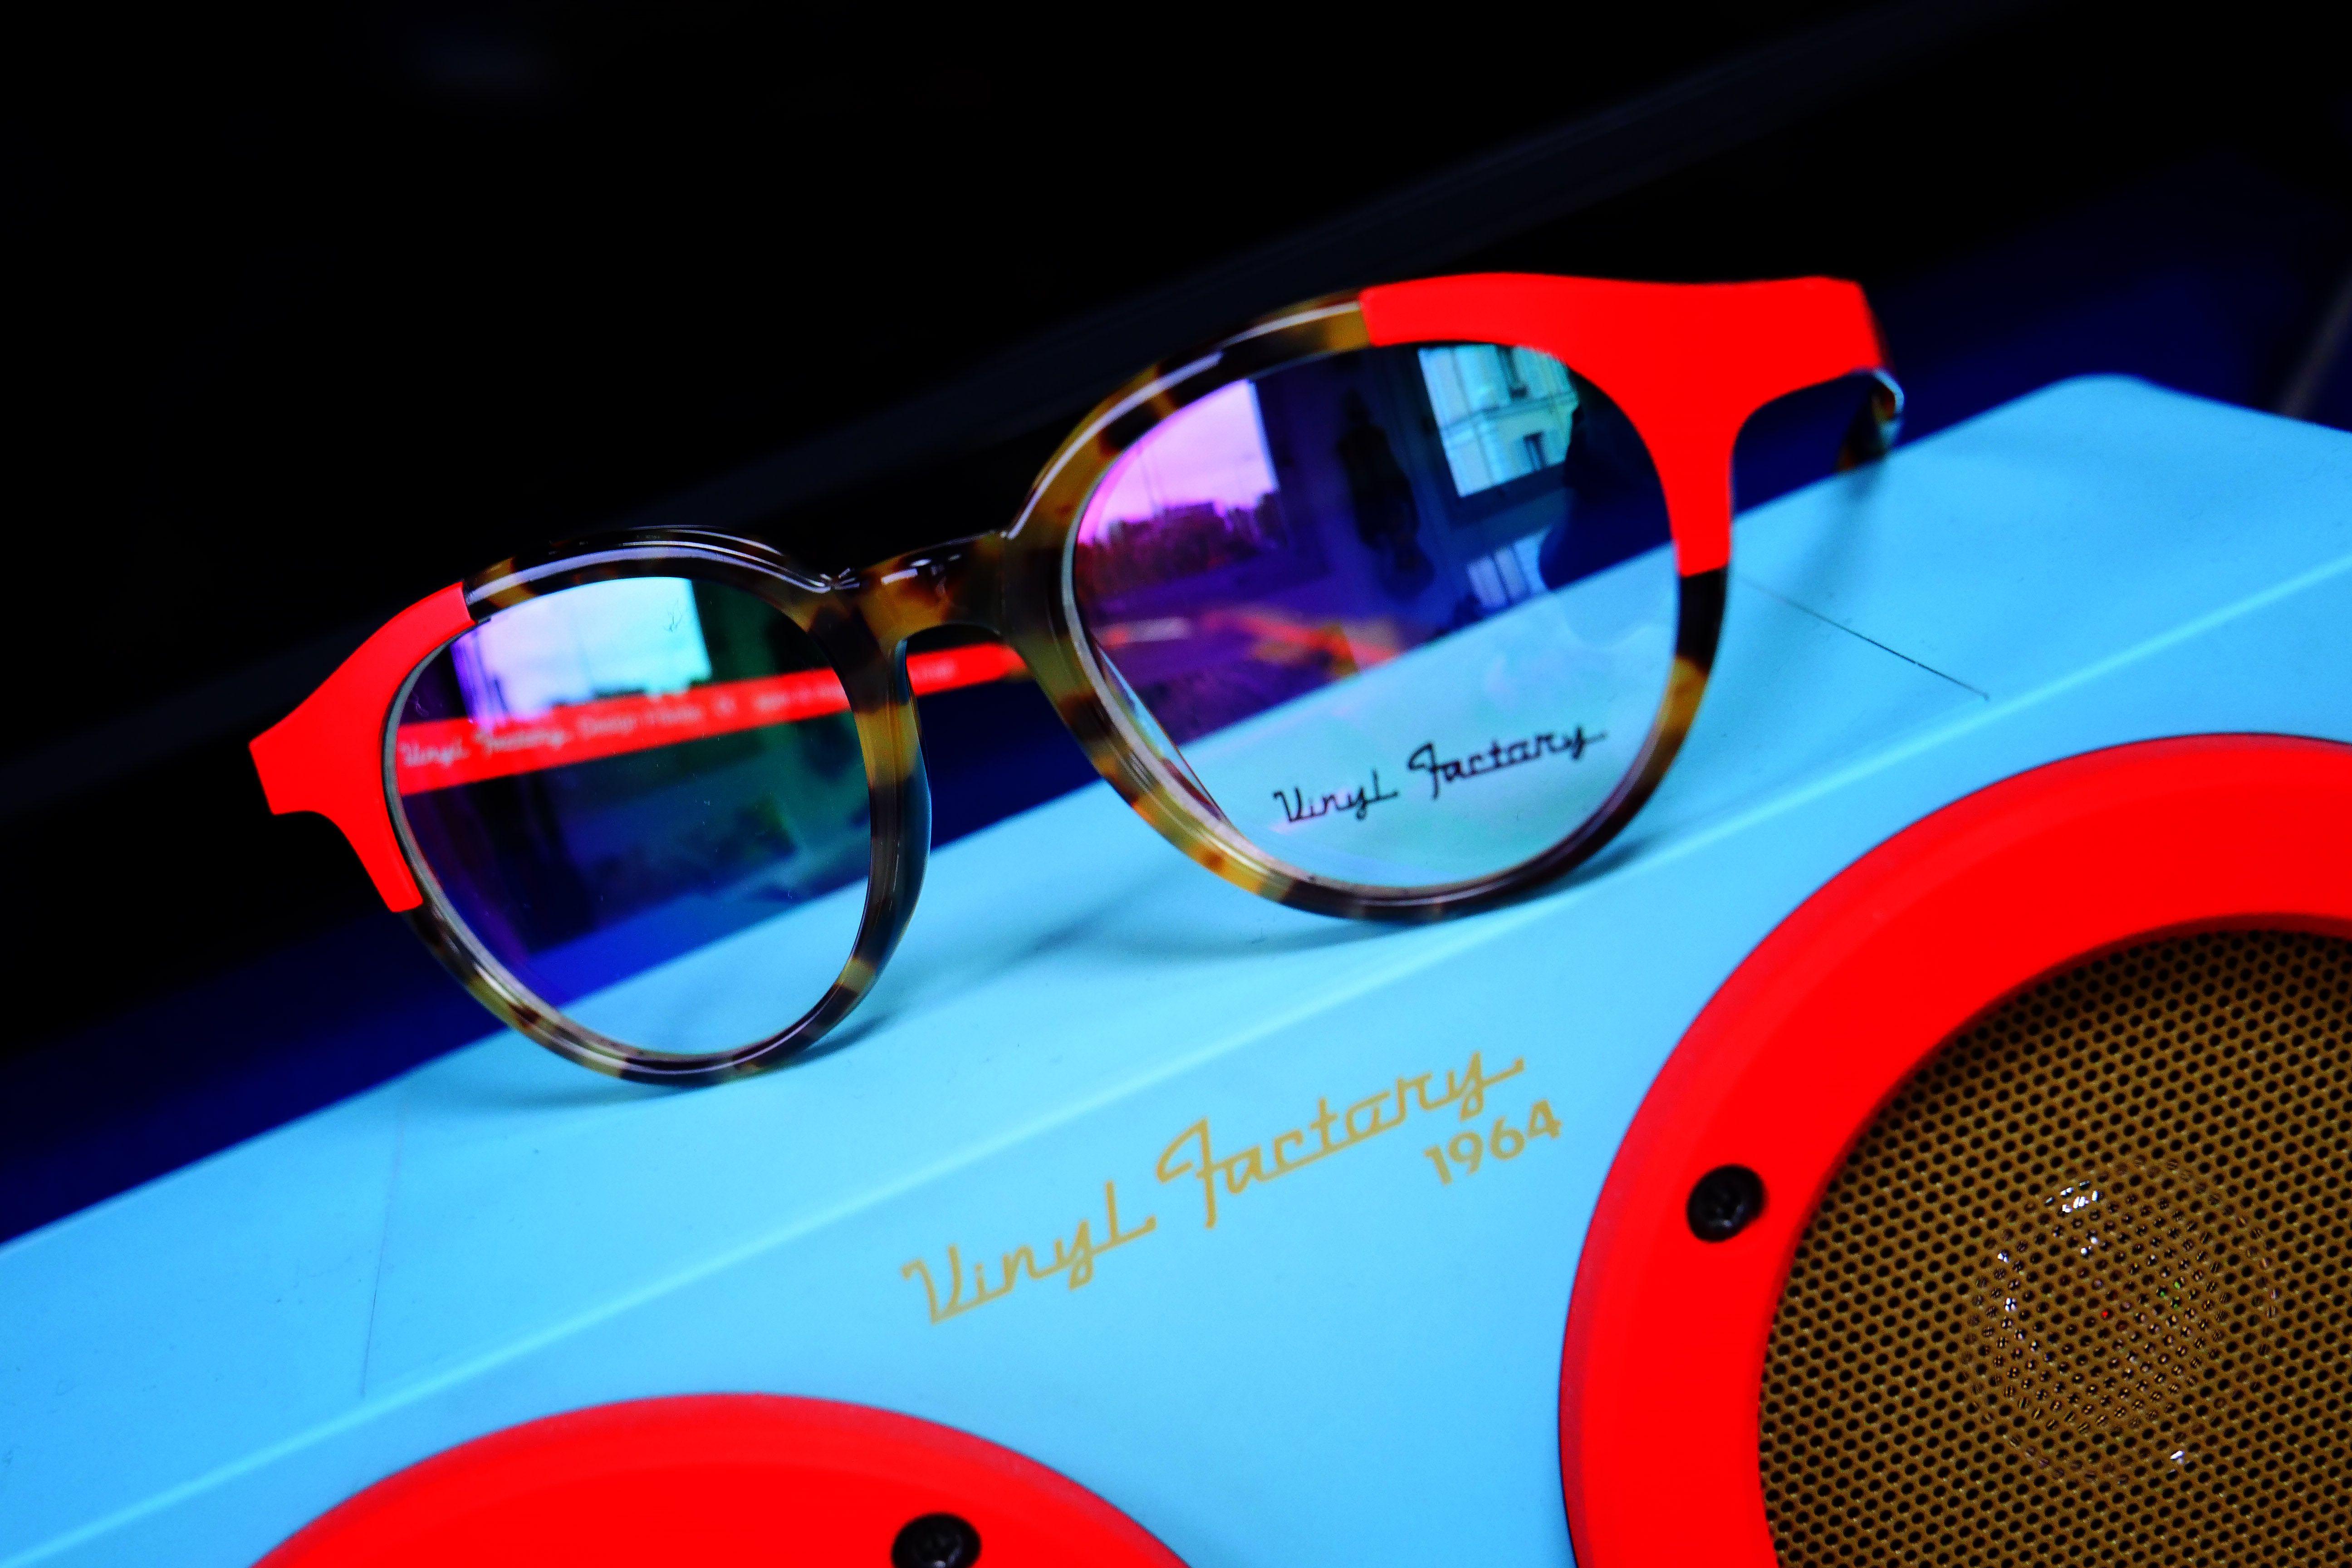 14 meilleures images du tableau Vinyl Factory   Factories, Glasses et Vinyl  records e5df930f2688